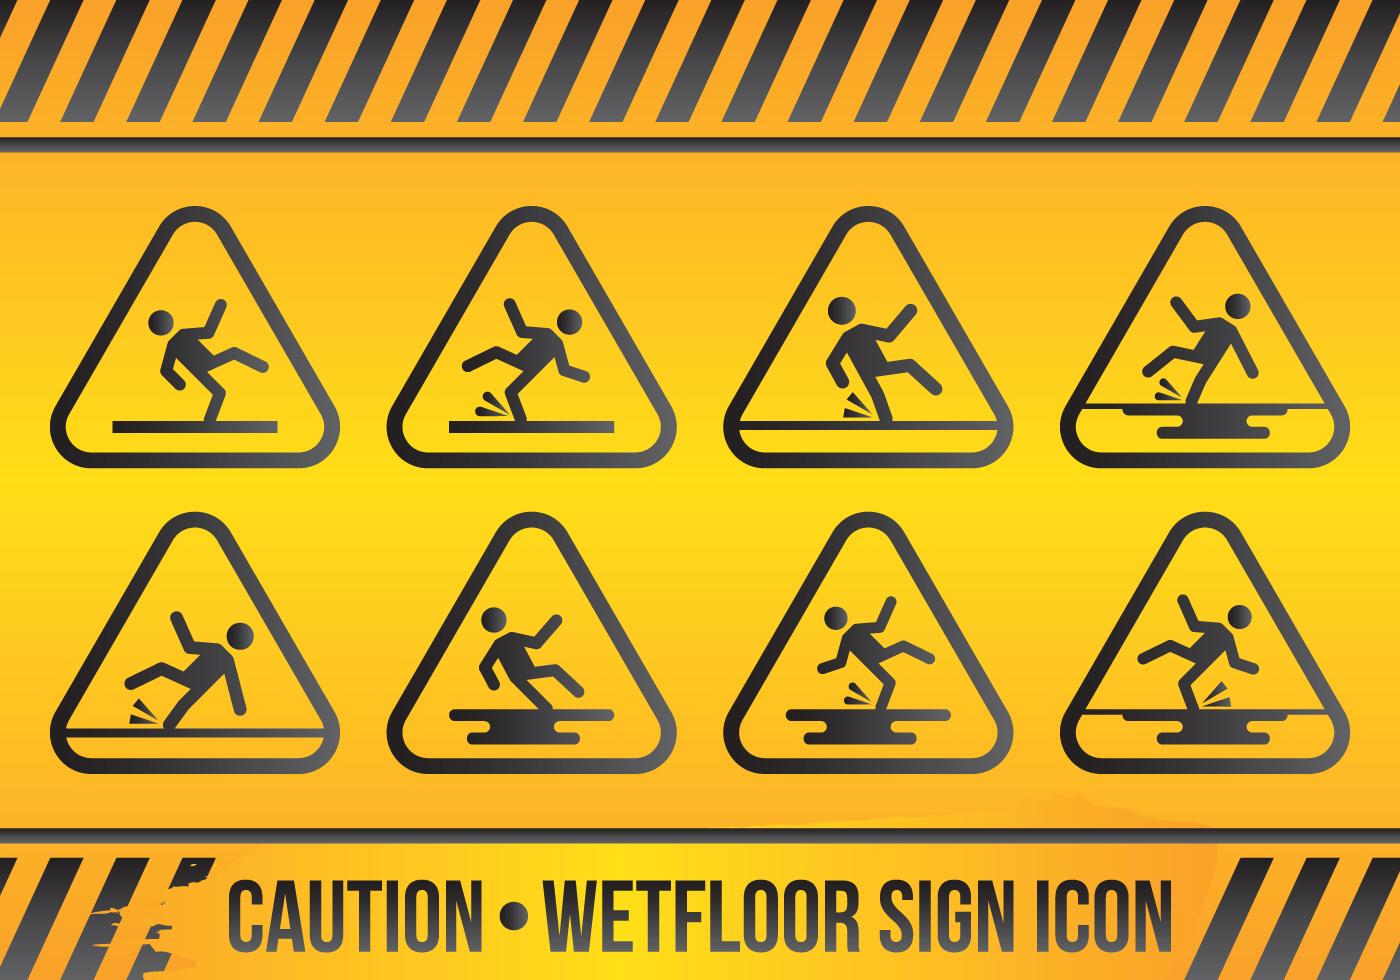 Wet floor sign icon set download free vector art stock for Floor banner